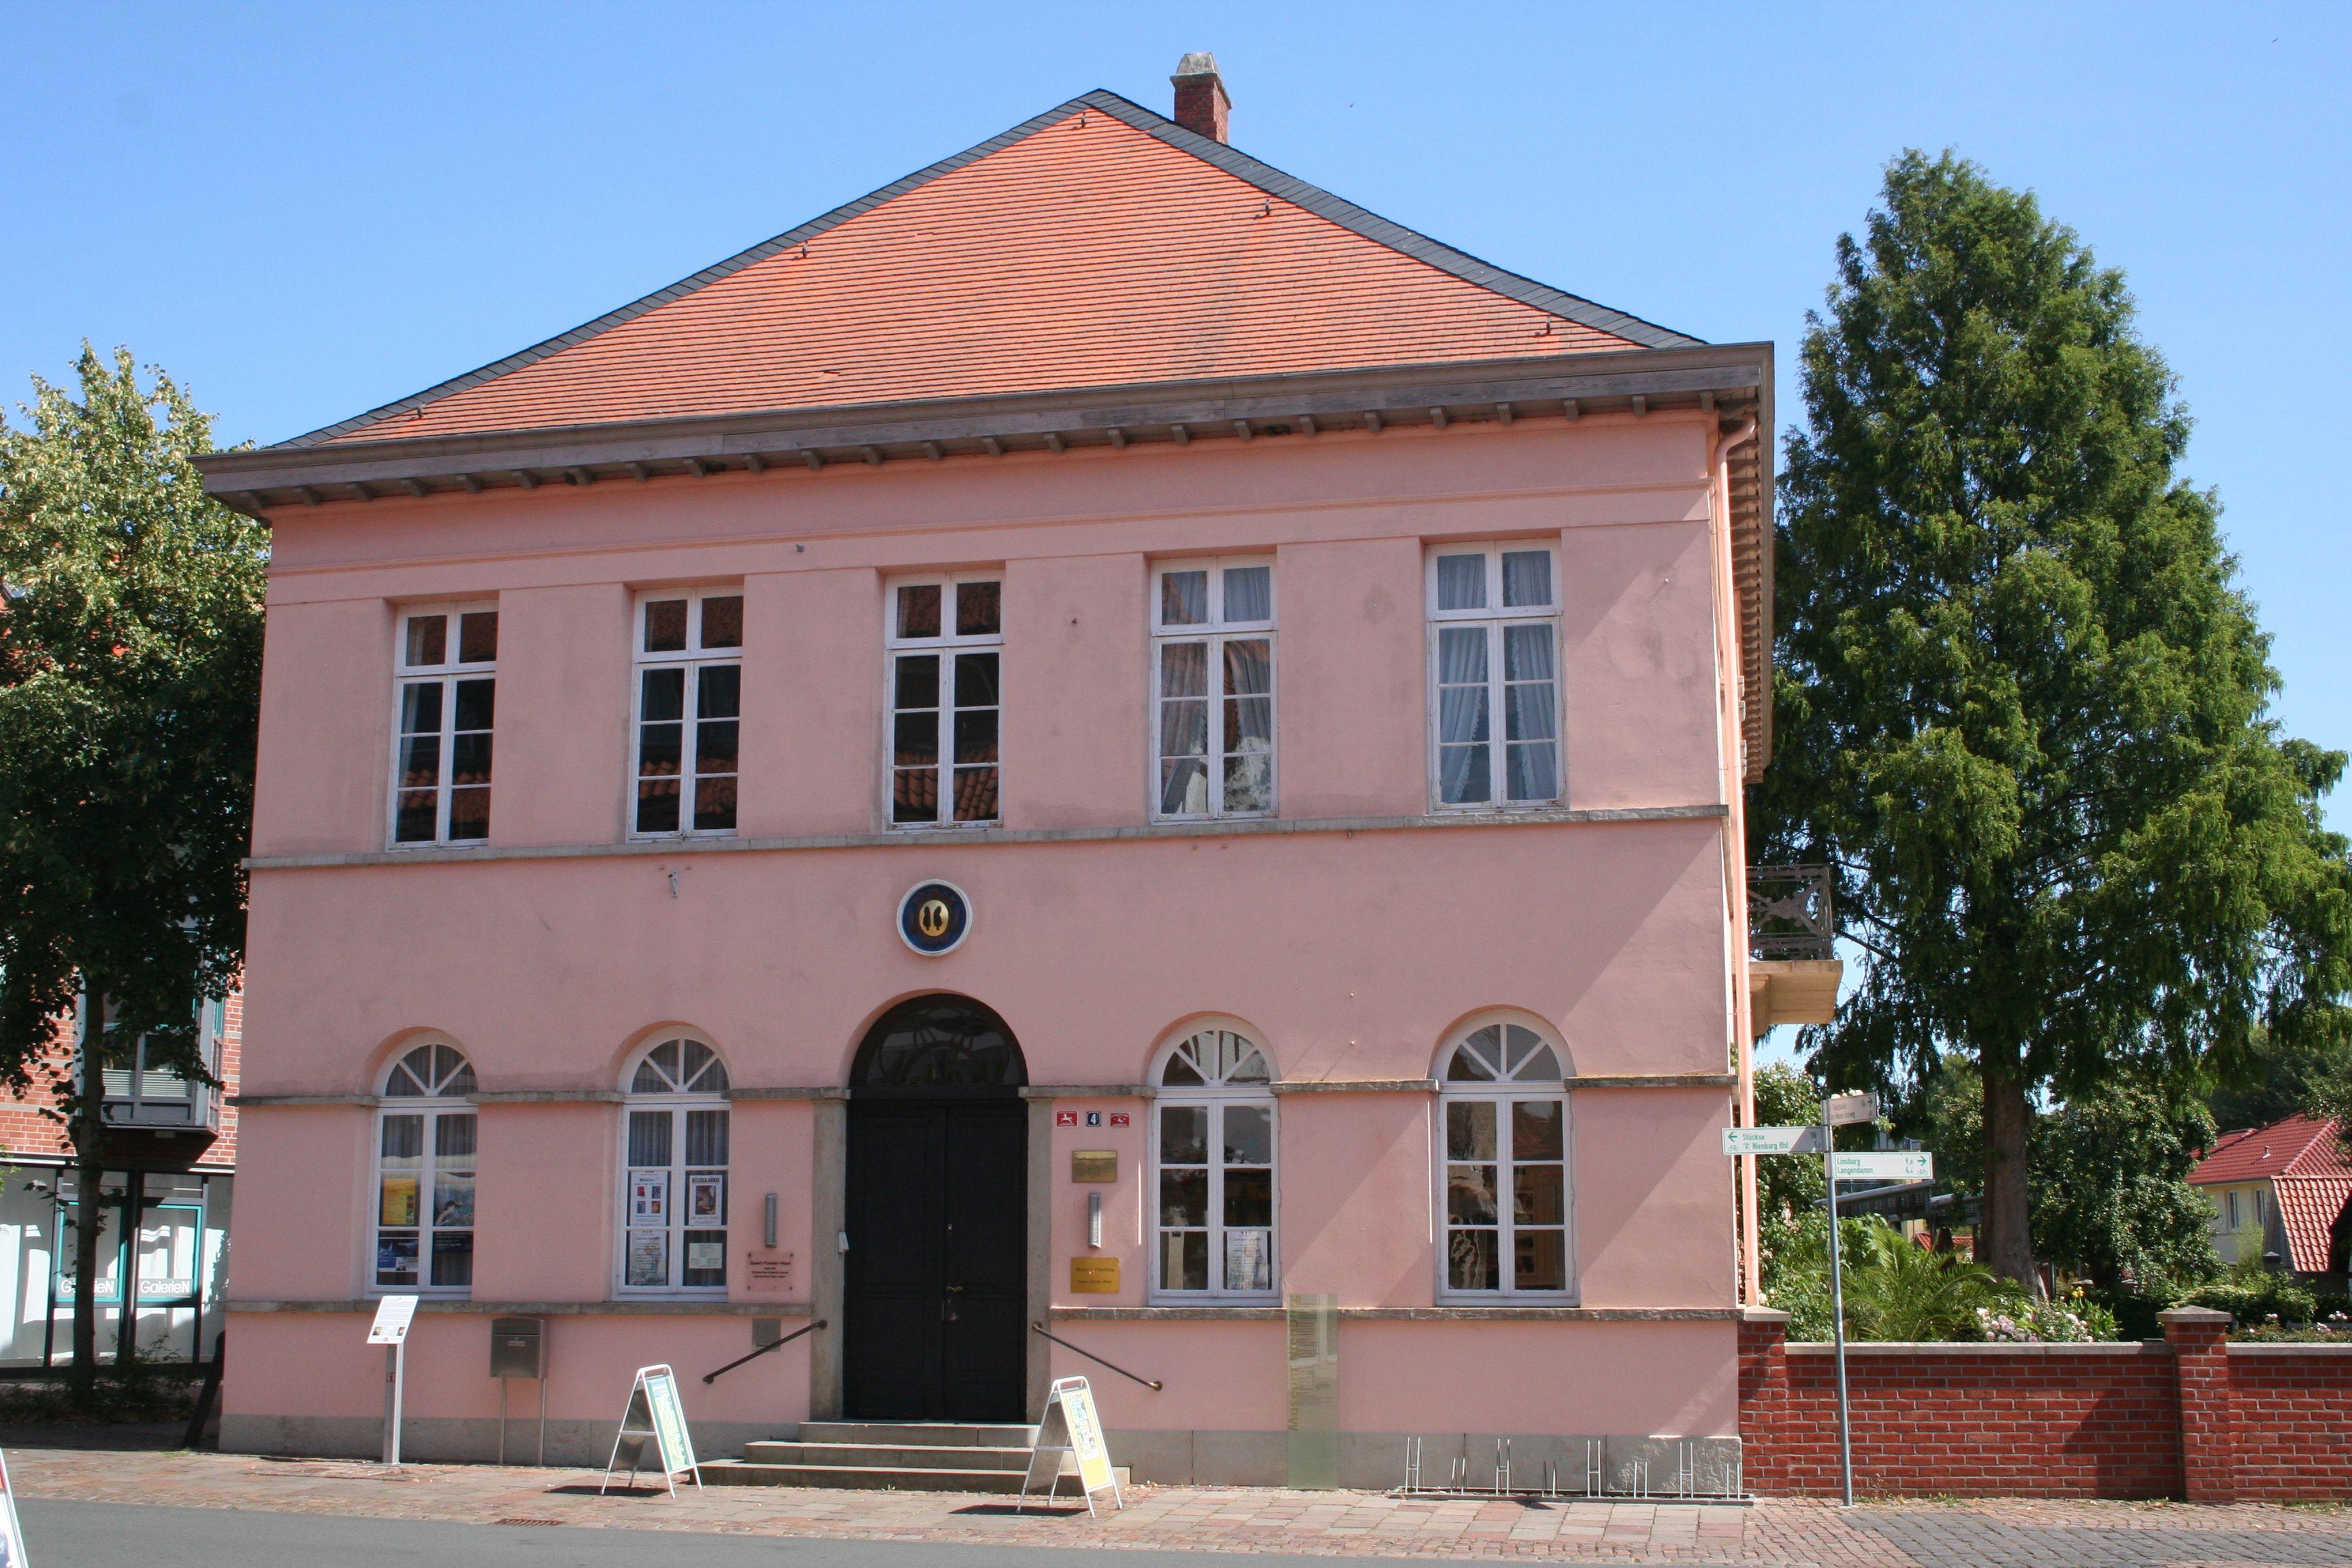 quaet-faslem-haus - das repräsentative ehemalige wohnhaus von